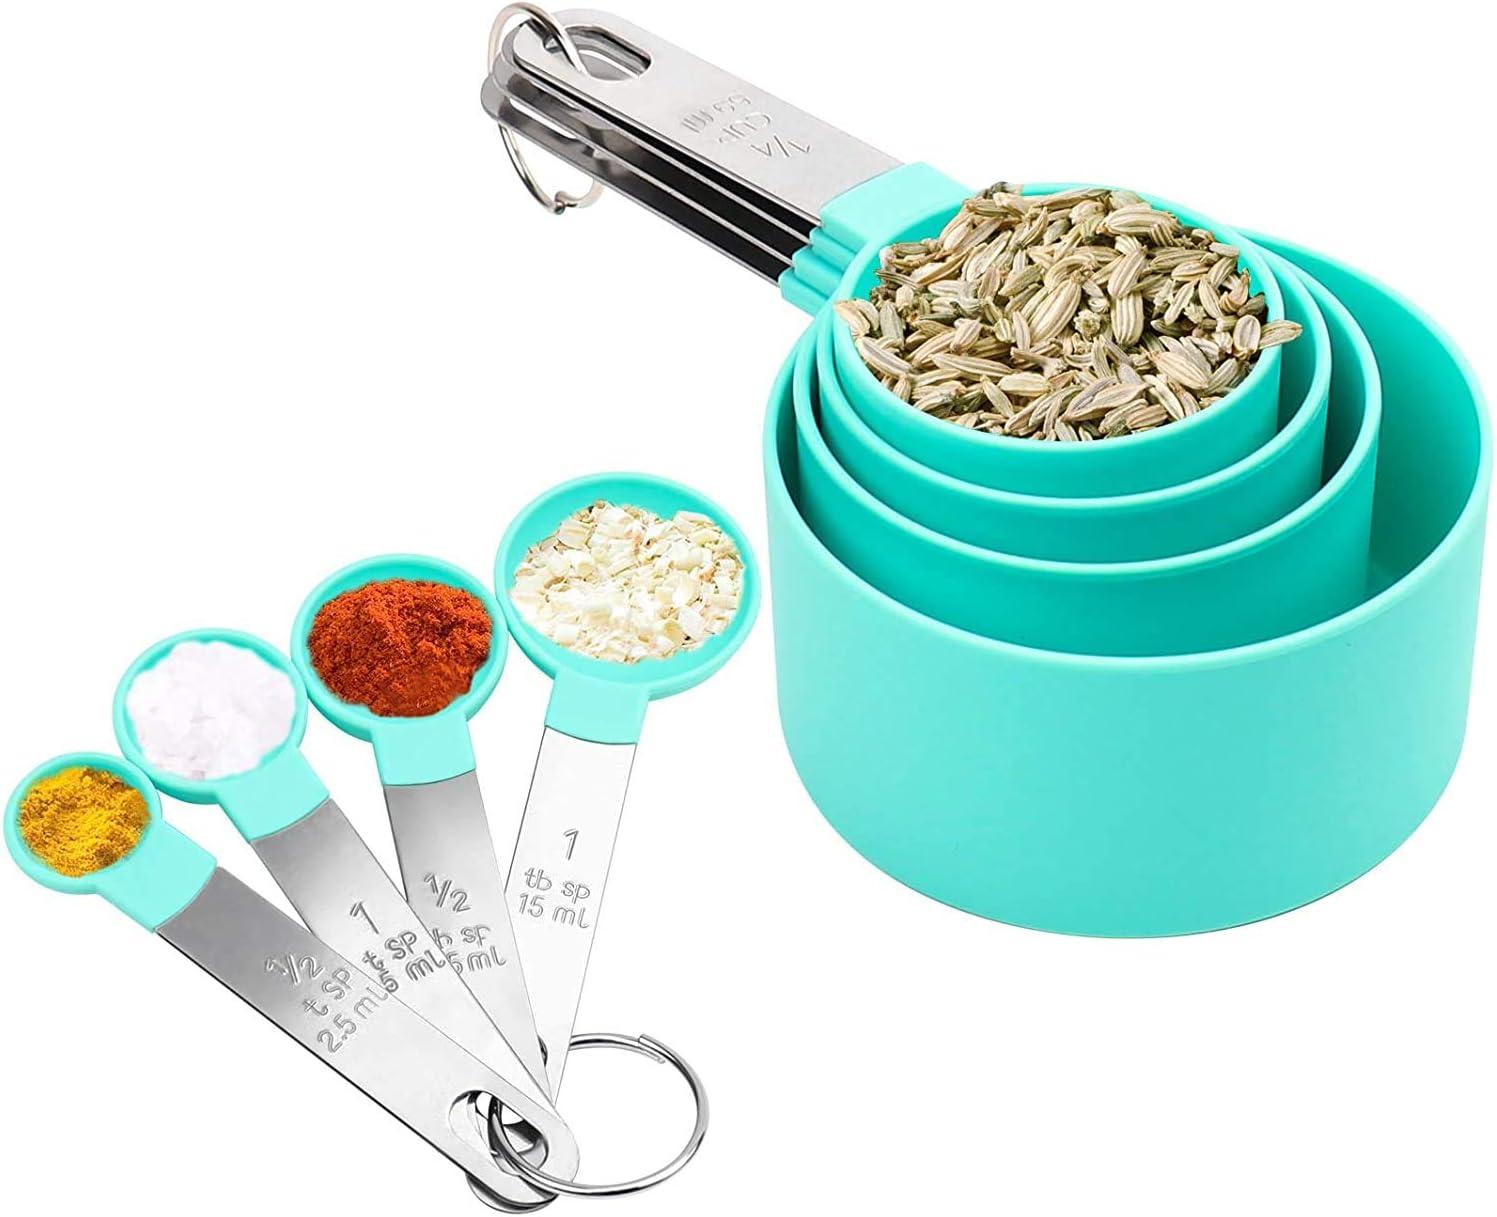 Juego de cucharas medidoras, 8 piezas, juego de tazas y cucharas de medición apilables con mango de acero inoxidable, herramienta de medición de plástico para líquidos y sólidos para cocinar (verde)